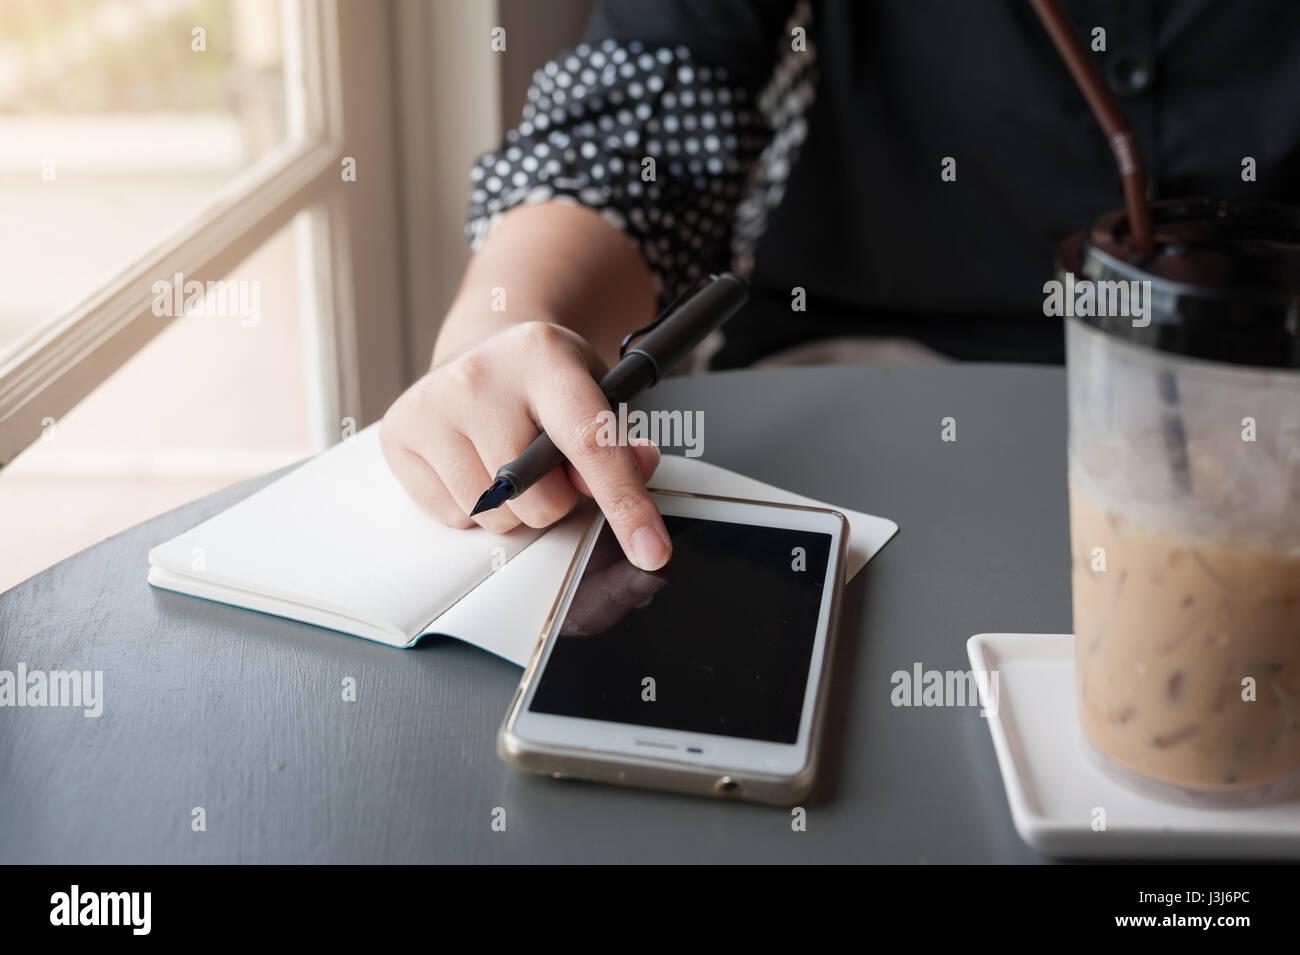 La femme de toucher sur l'écran du smartphone tout en écrivant quelque chose dans un café. Concept Photo Stock